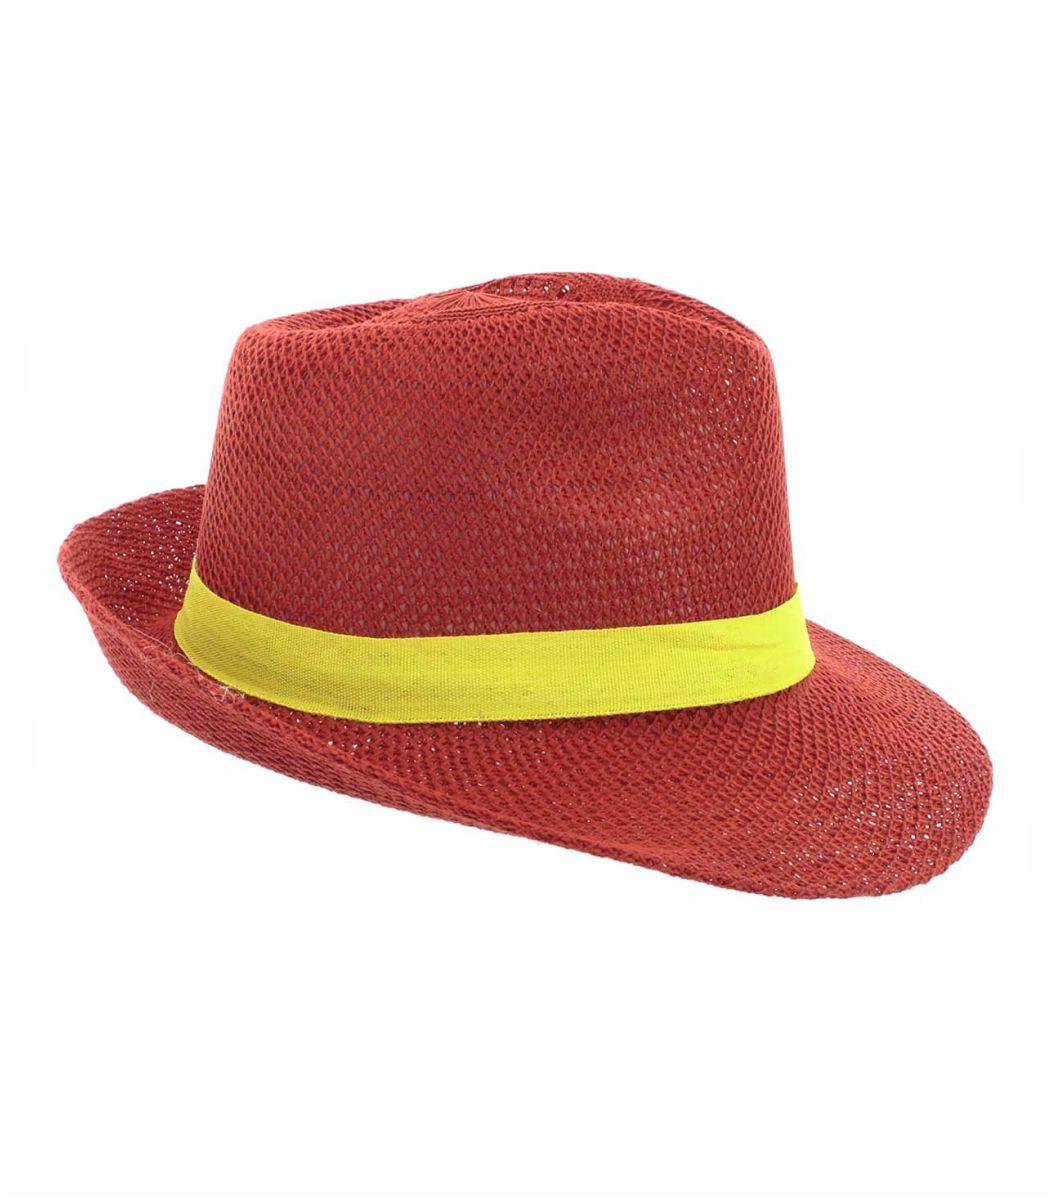 Sombrero Ala Ancha rojo Publicitario